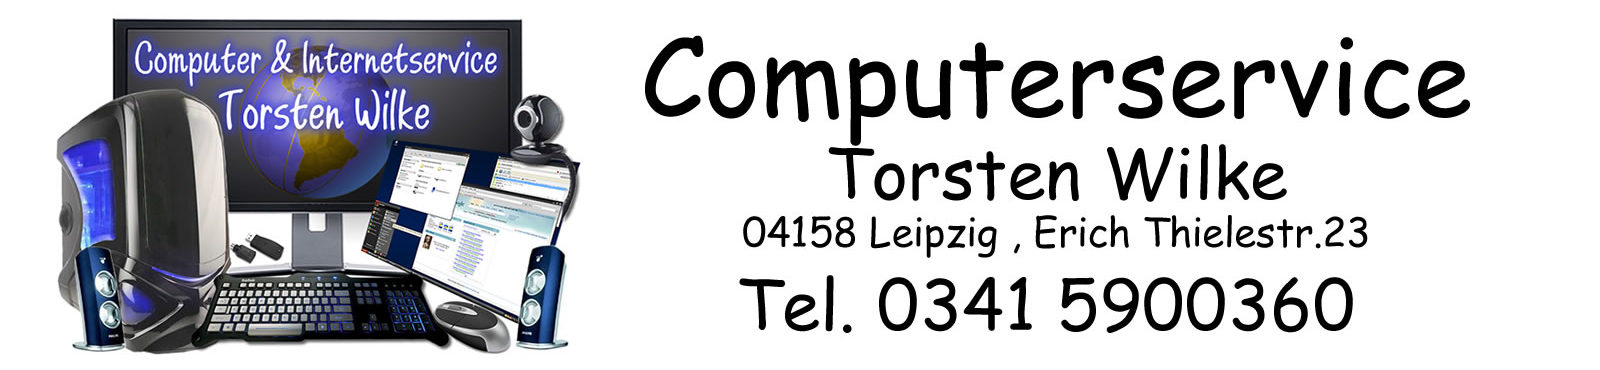 Computerservice Torsten Wilke